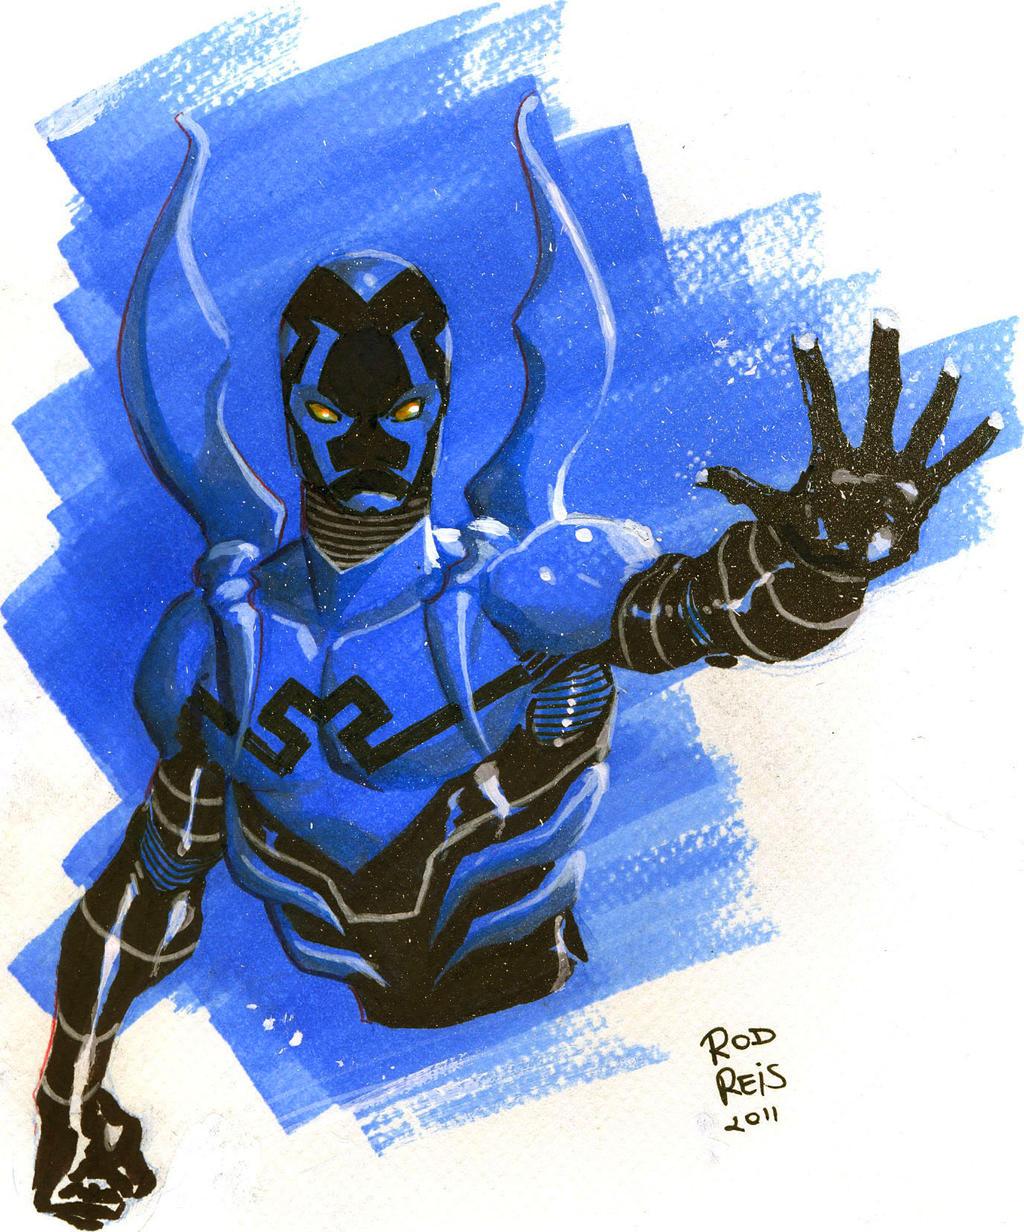 Blue Beetle by RodReis